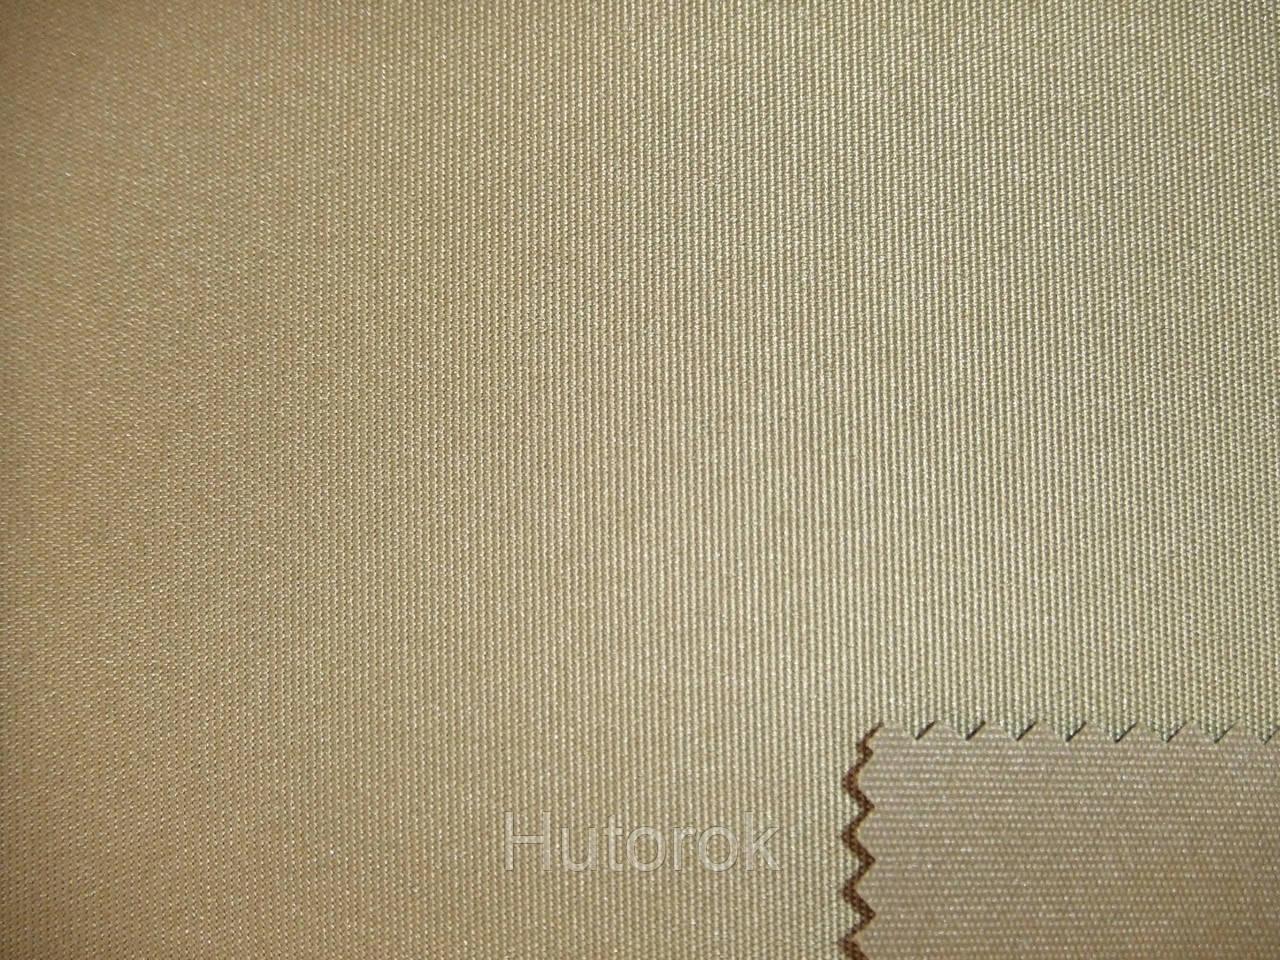 Палаточная ткань ПУ D600 (хаки)